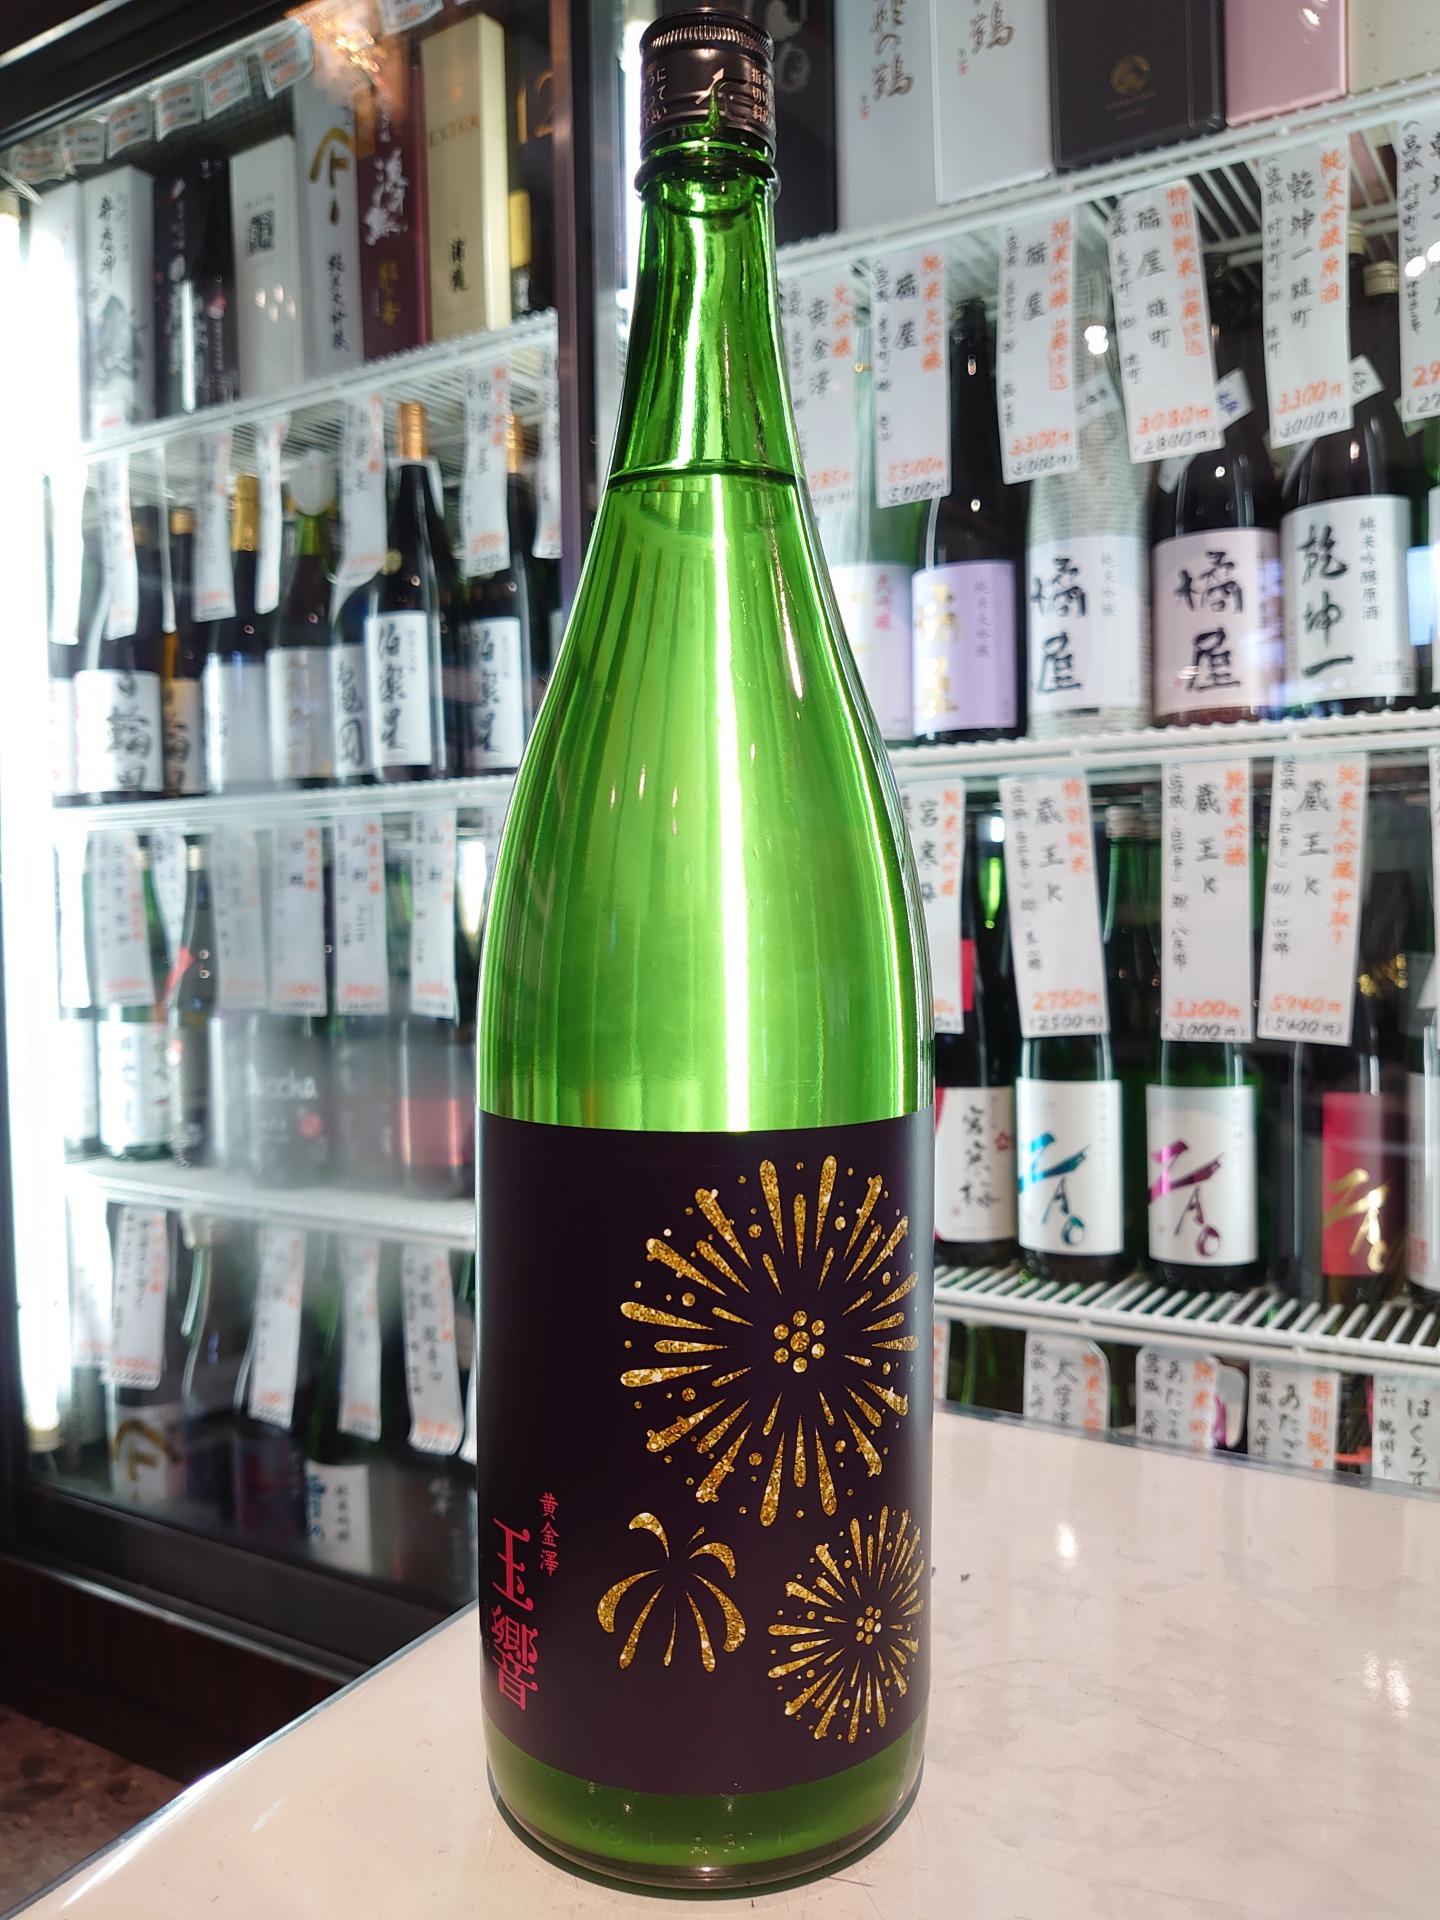 黄金澤 山廃純米うすにごり原酒 玉響 1.8L